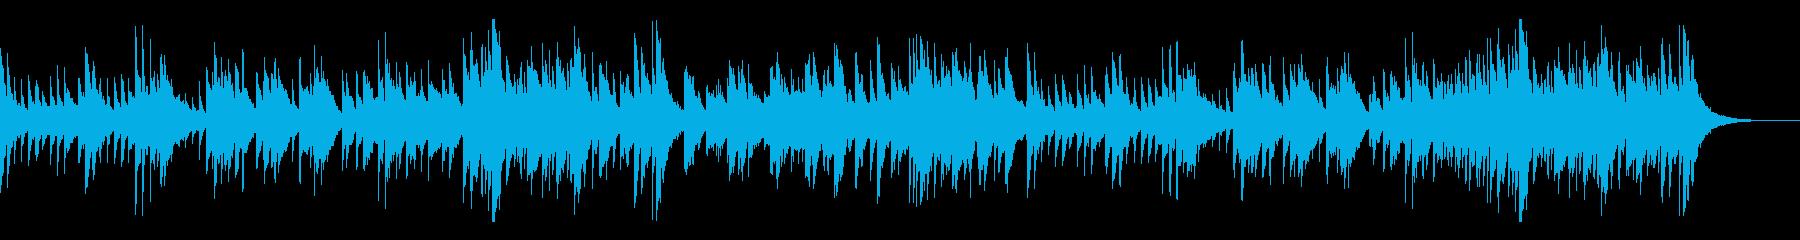 バロックギター・アンサンブルの再生済みの波形